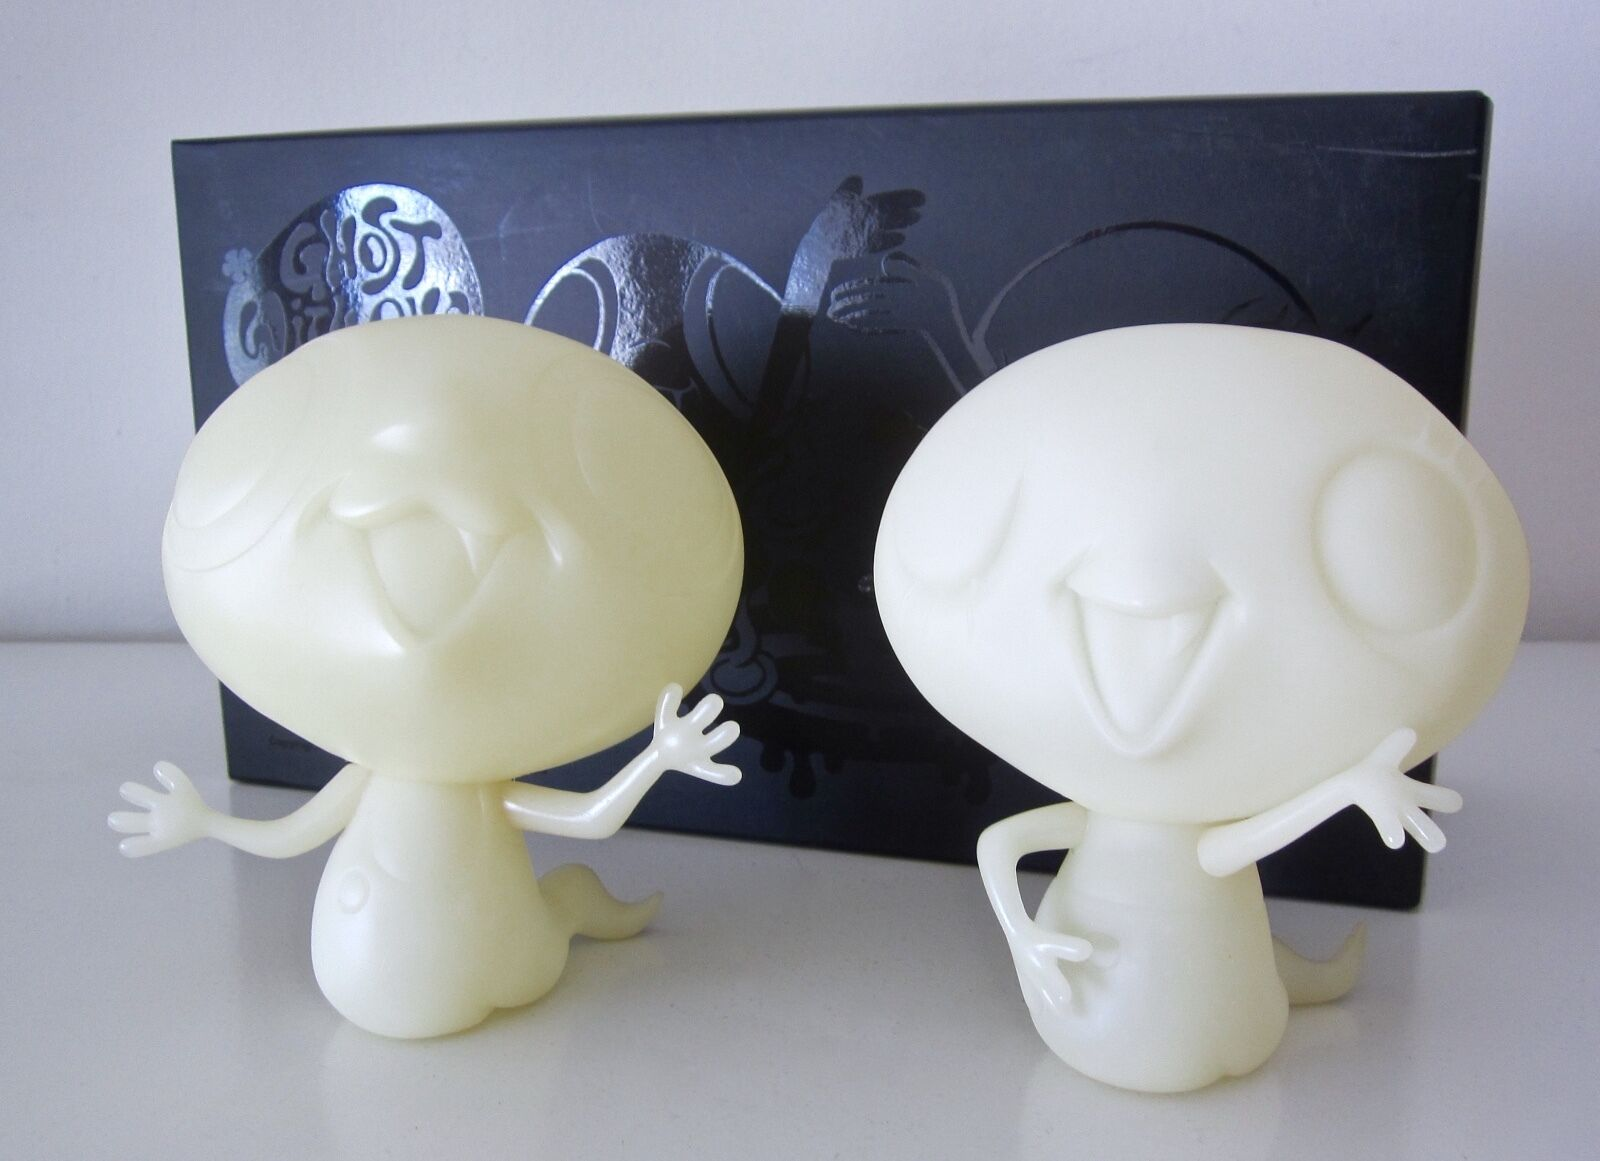 片目の幽霊.アーバン・ビニール.ドラゴンモデル.2001年珍しい。